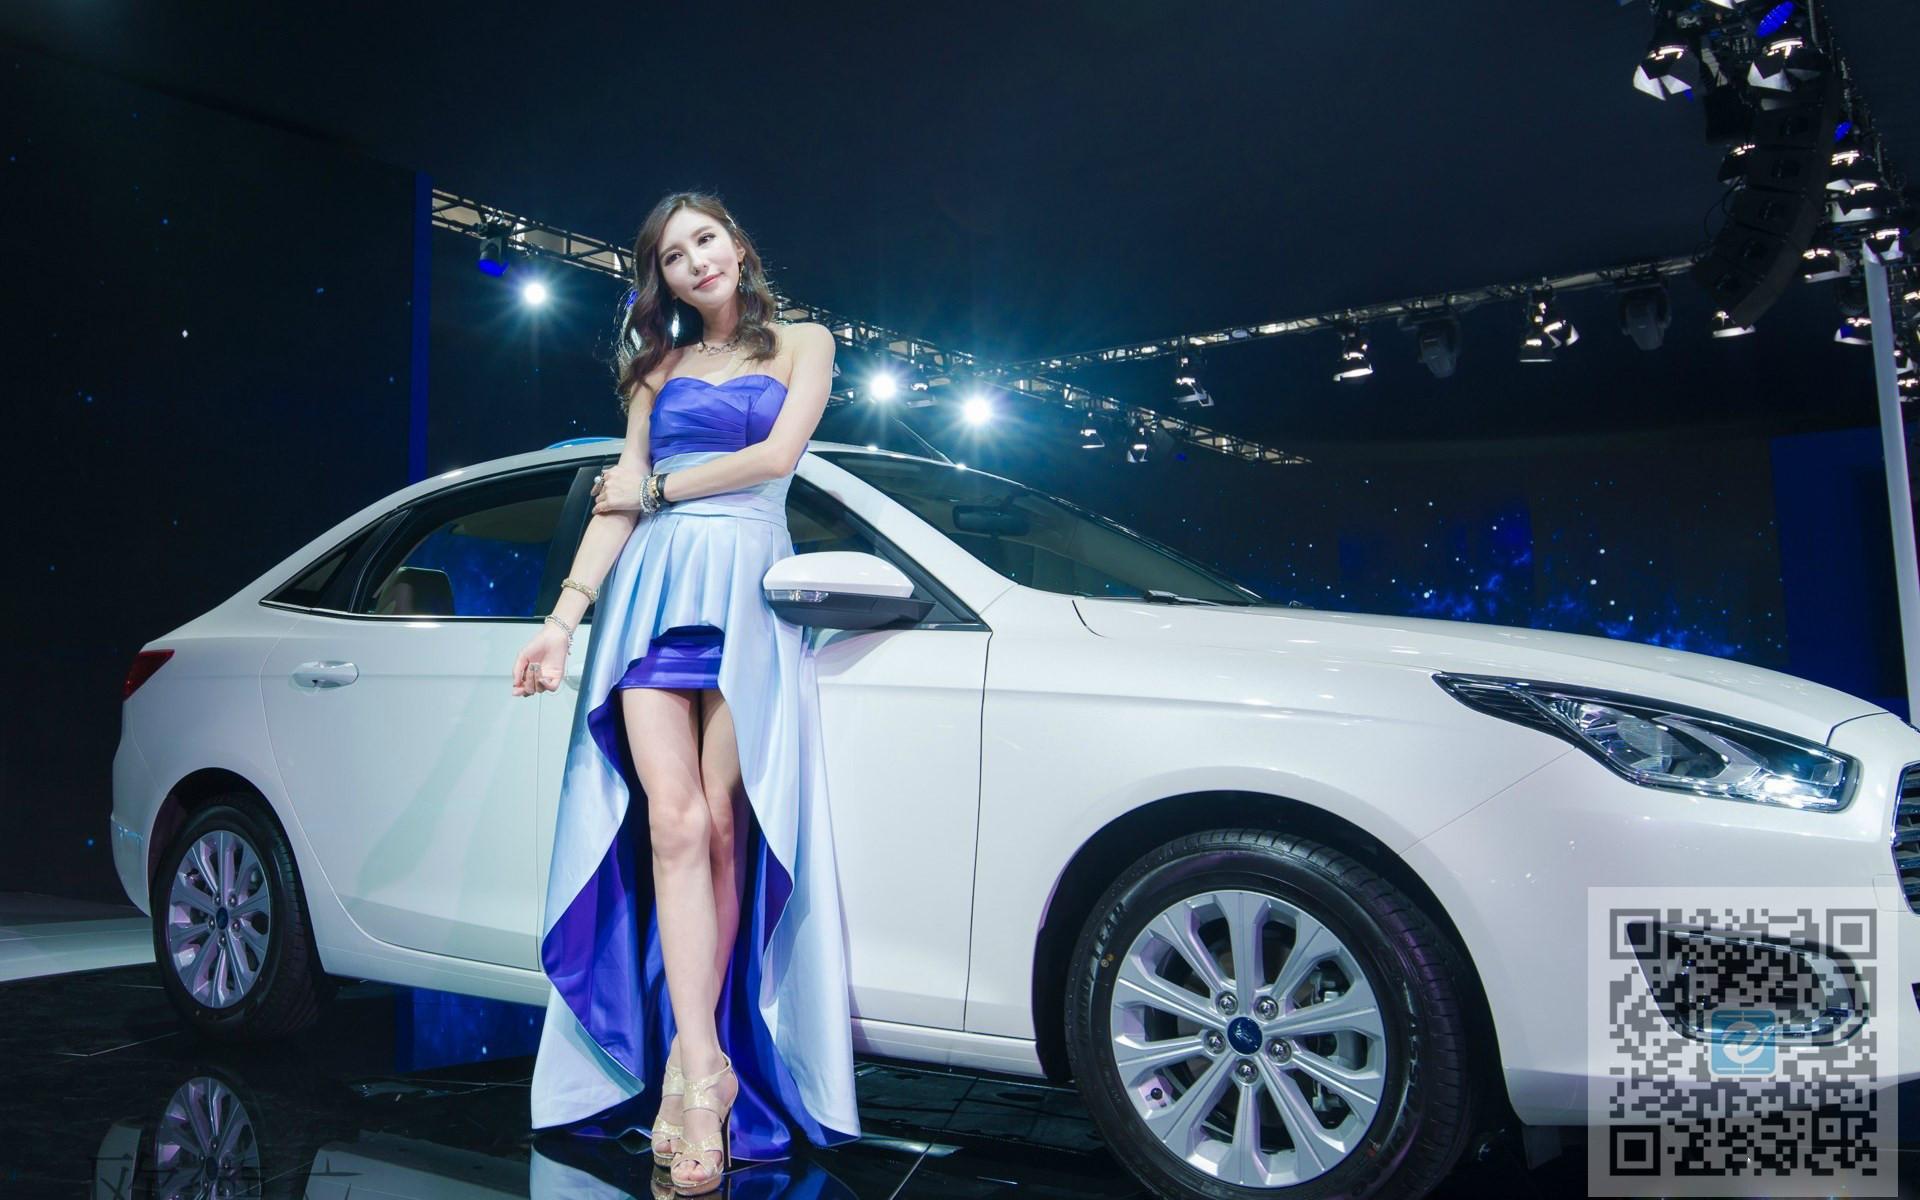 各色车展美女车模展示 你喜欢怎么样的风格